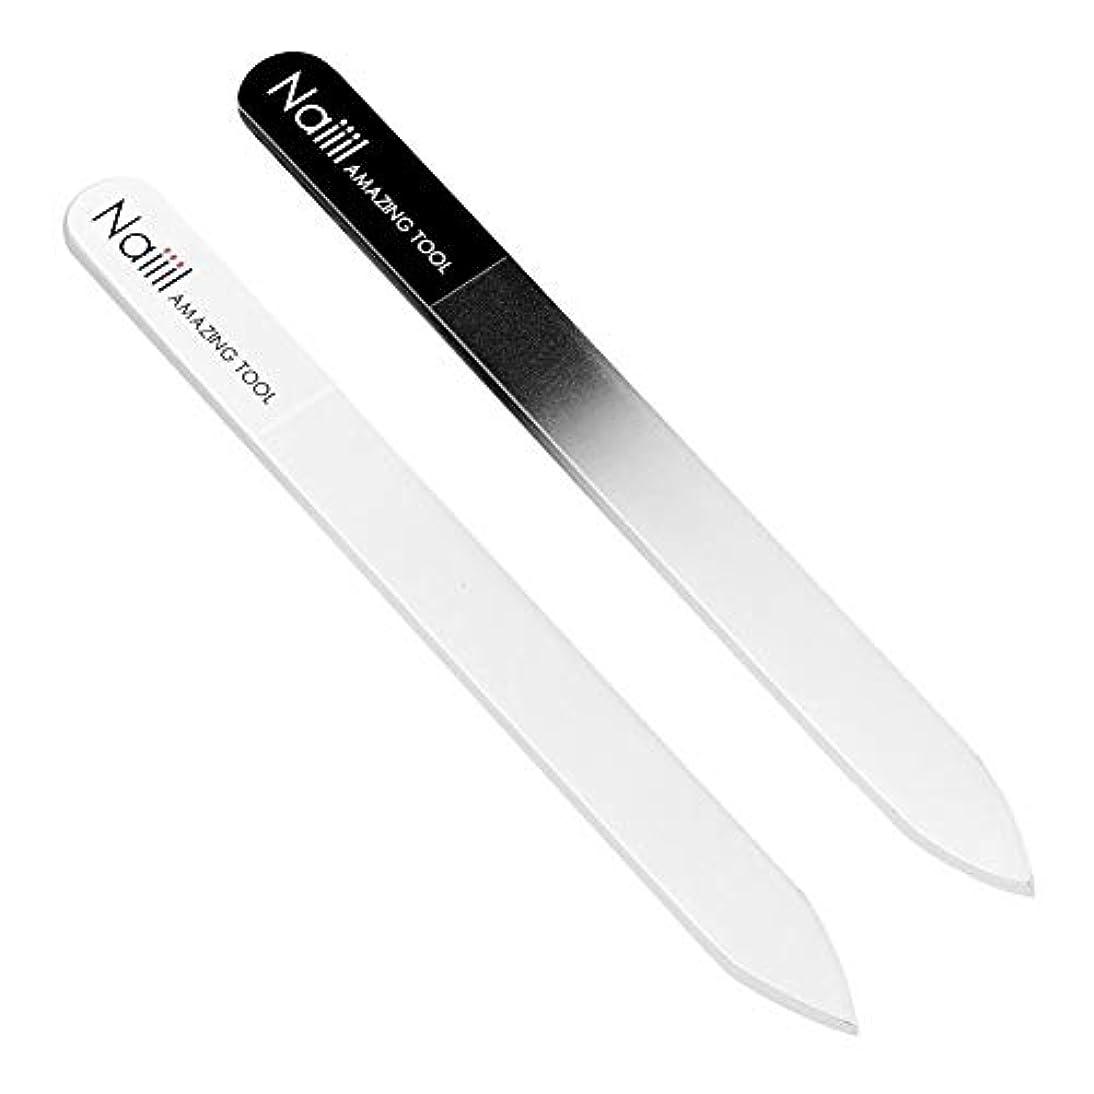 経過多様性とげのあるNaiiil [2本セット] ガラス製爪やすり 専用ケース付 持ち運びやすい 持久耐用